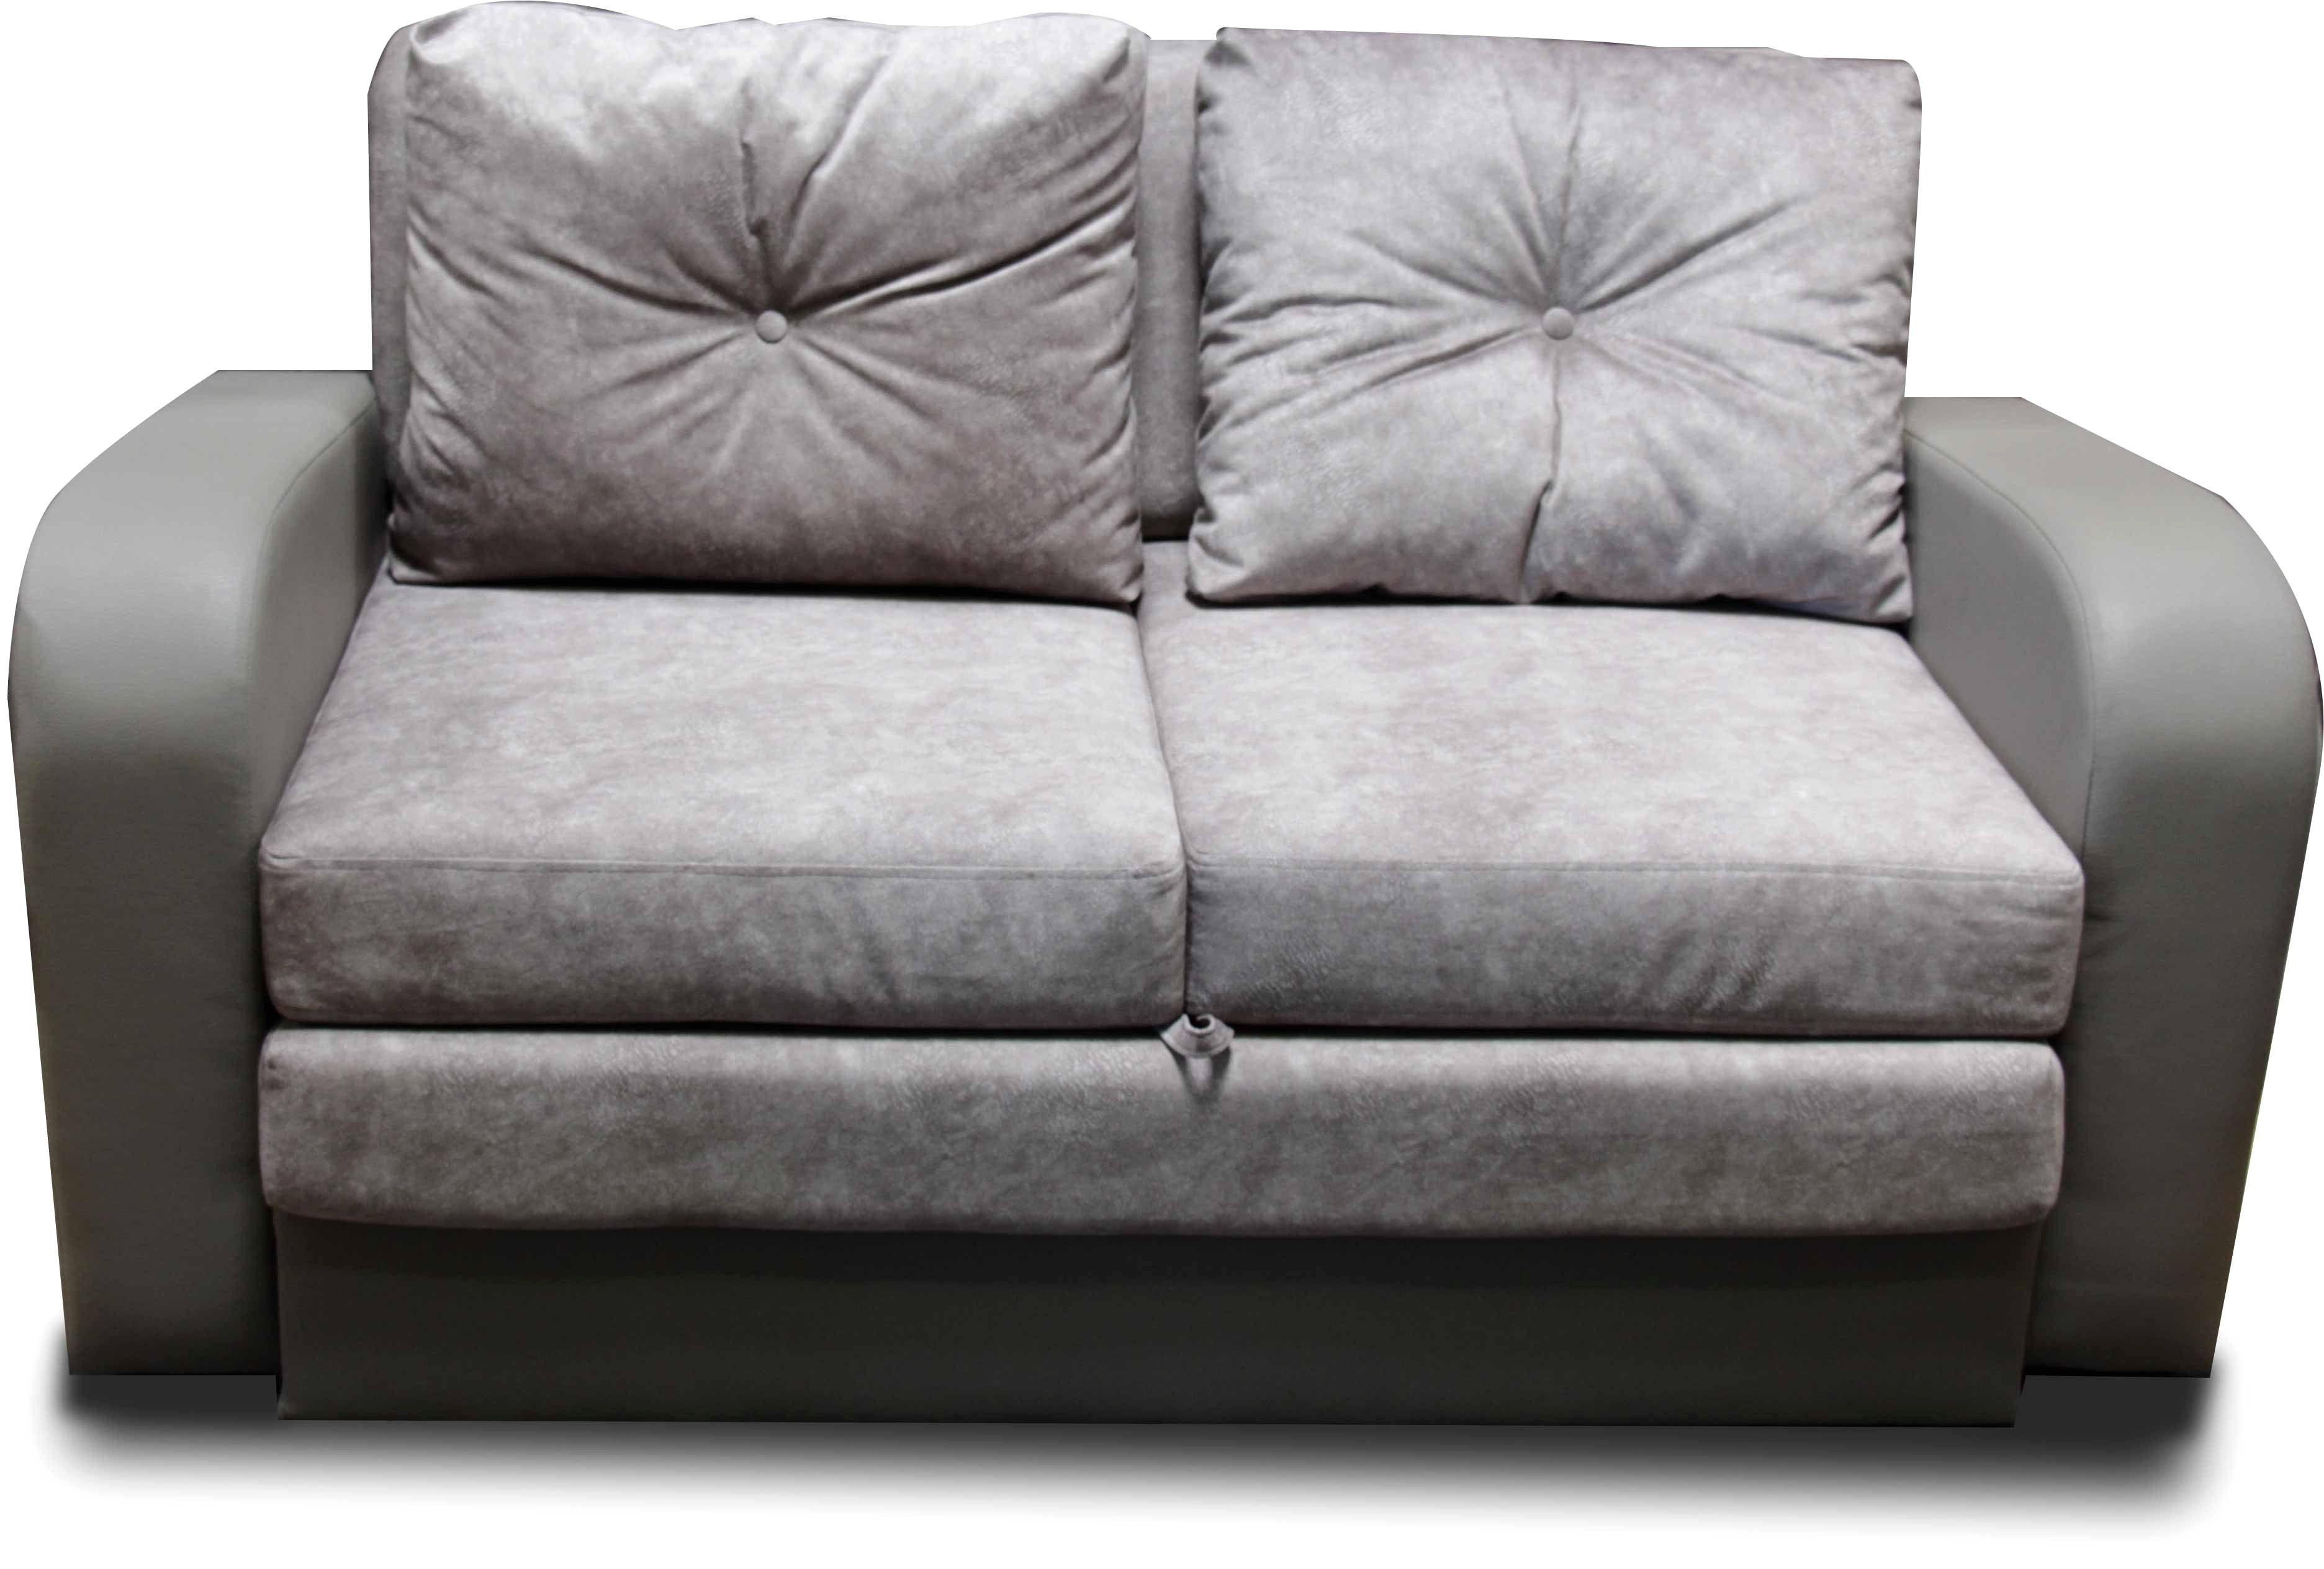 Lit Escamotable Canapé Joli Adorable Lit Escamotable Avec Canapé Et Luxury Canapé Lit Matelas